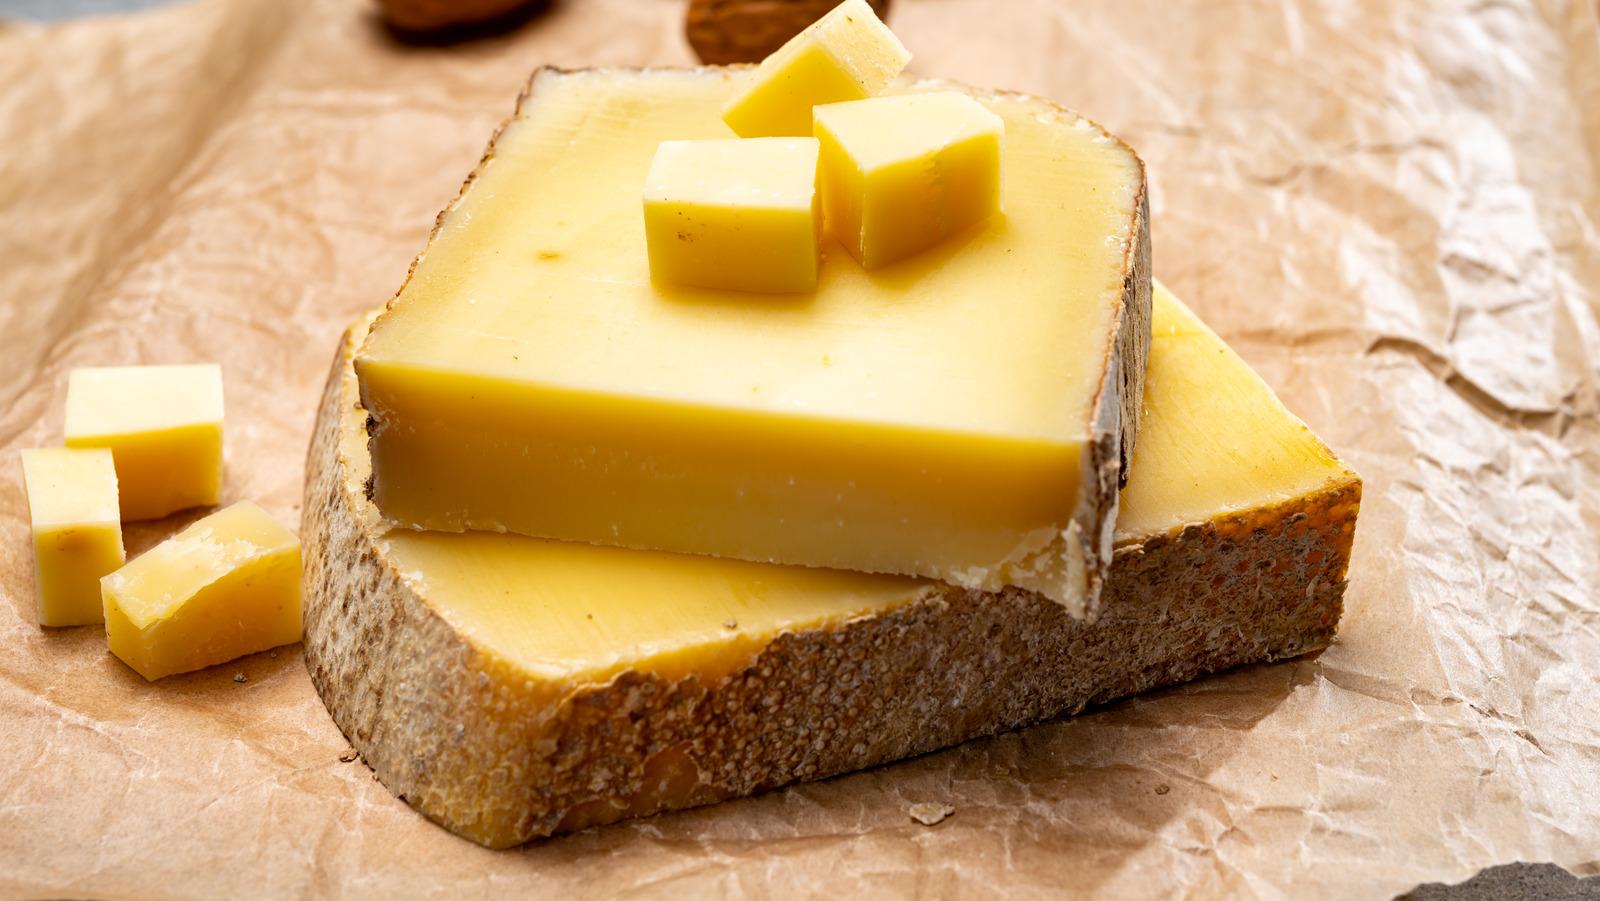 GruyèreĐây là một loại pho mát cứng, có màu vàng, vị ngọt nhưng hơi mặn, có hương vị thay đổi tùy theo độ tuổi. Phô mai Gruyère thường được biết đến là một trong những loại phô mai tốt nhất để làm bánh vì nó mang lại hương vị tuyệt vời khi nấu chảy. Bạn cũng có thể dùng để nấu nước sốt, ăn salad, mì ống và súp hành kiểu Pháp. Ảnh: Mashed